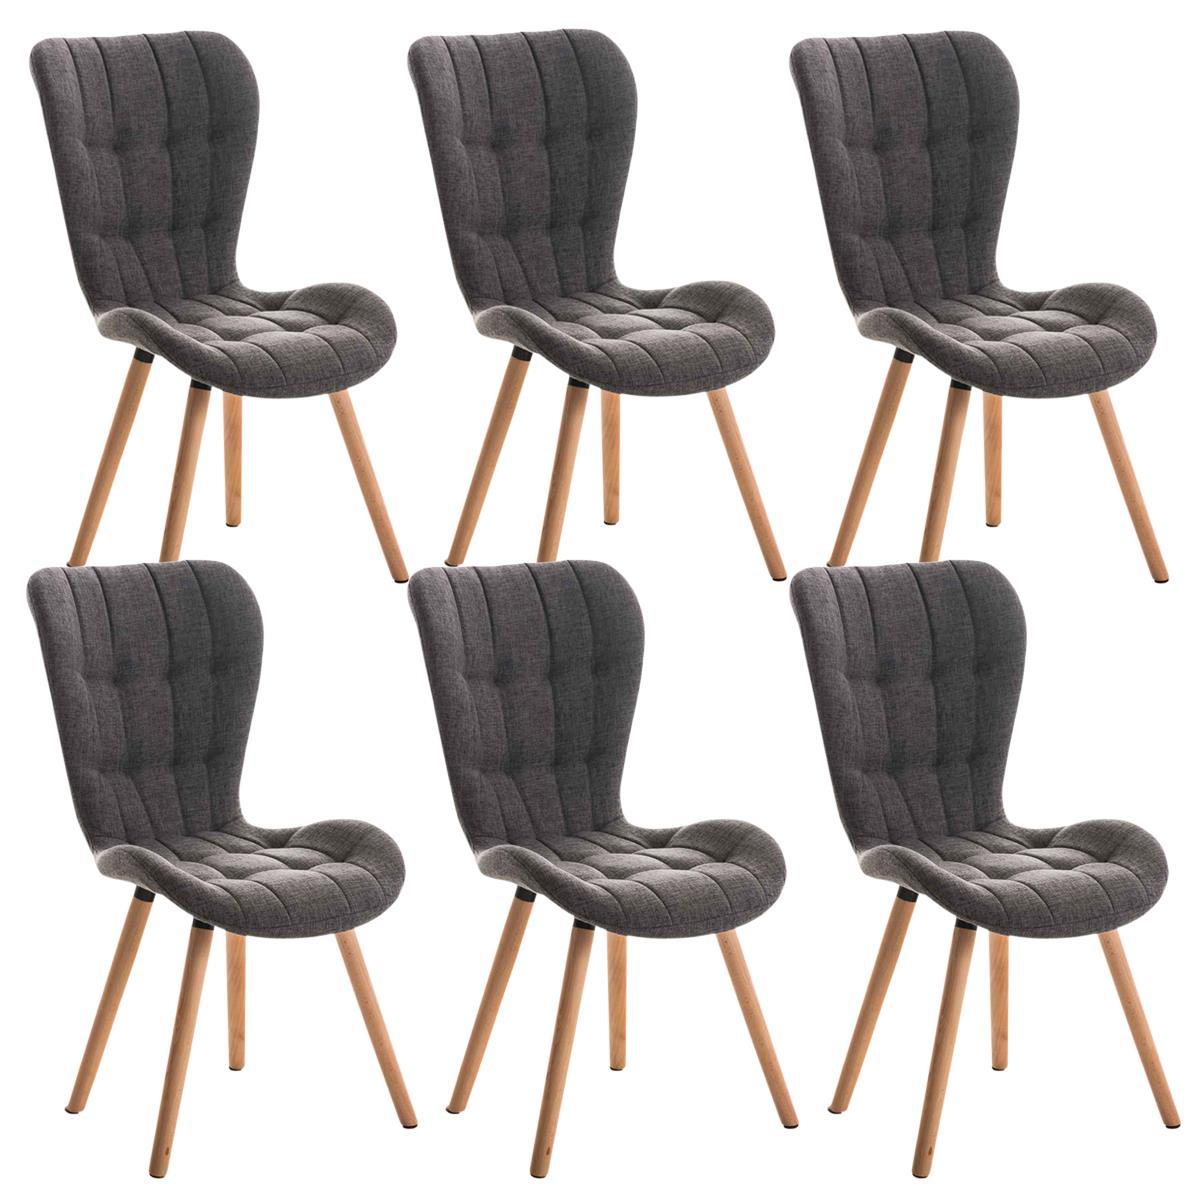 Lote de 6 sillas de comedor padua con capiton y for Sillas para comedor tapizadas en tela